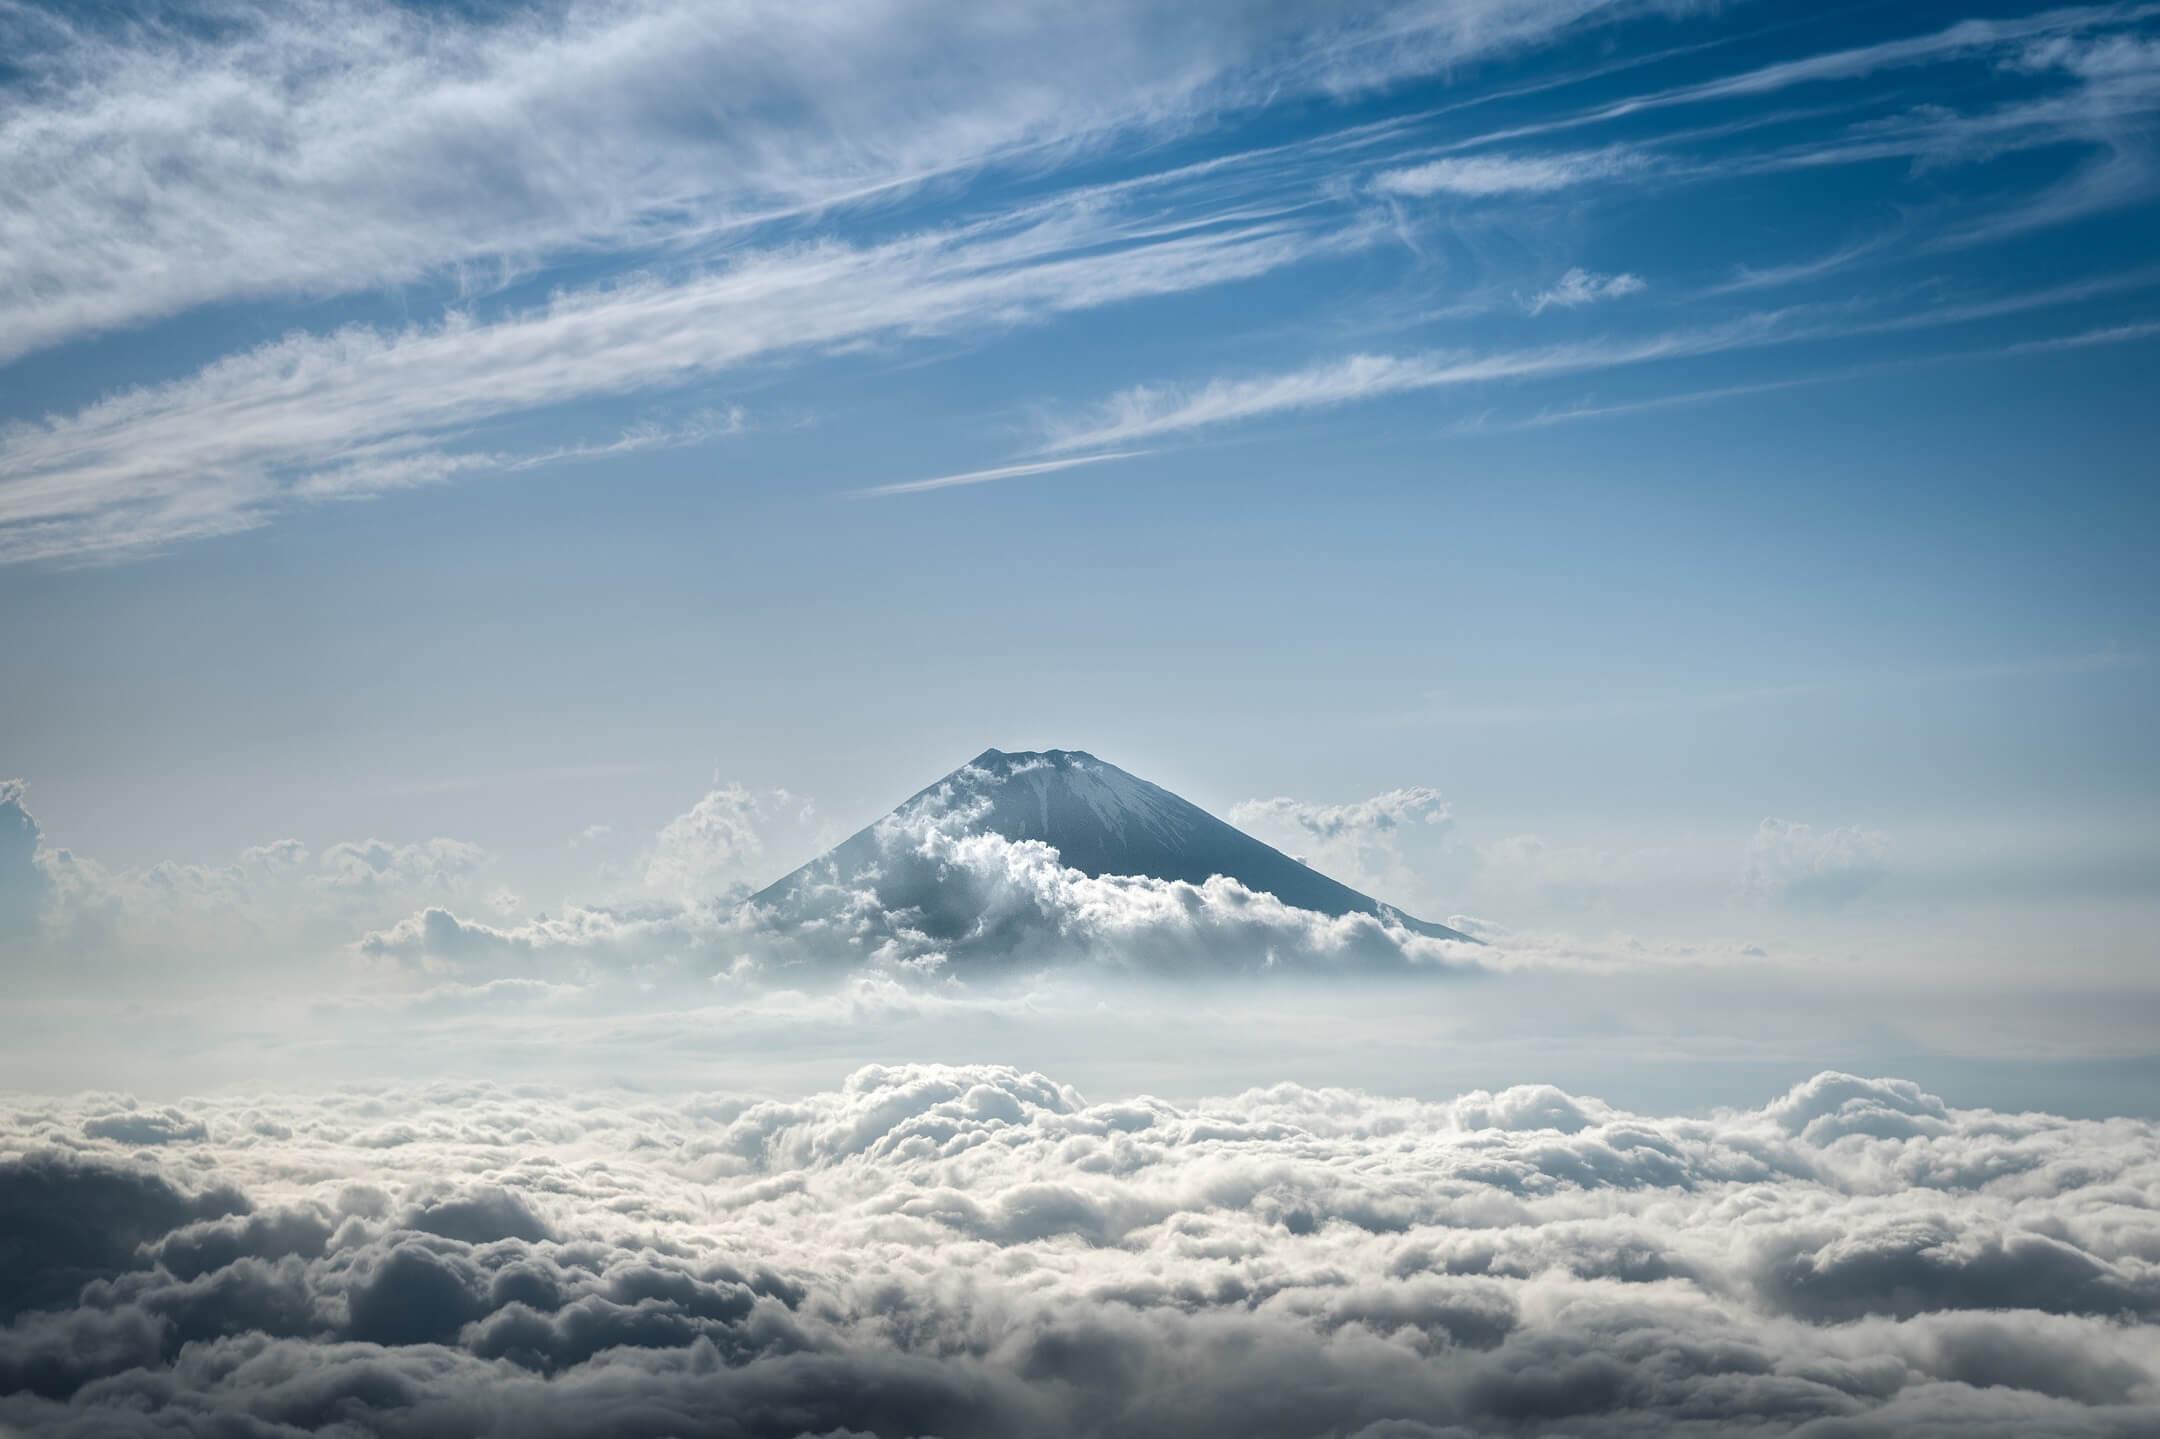 星のや富士 hoshinoya fuji グラマラス富士登山 glamorous fuji tozan img_183263_1